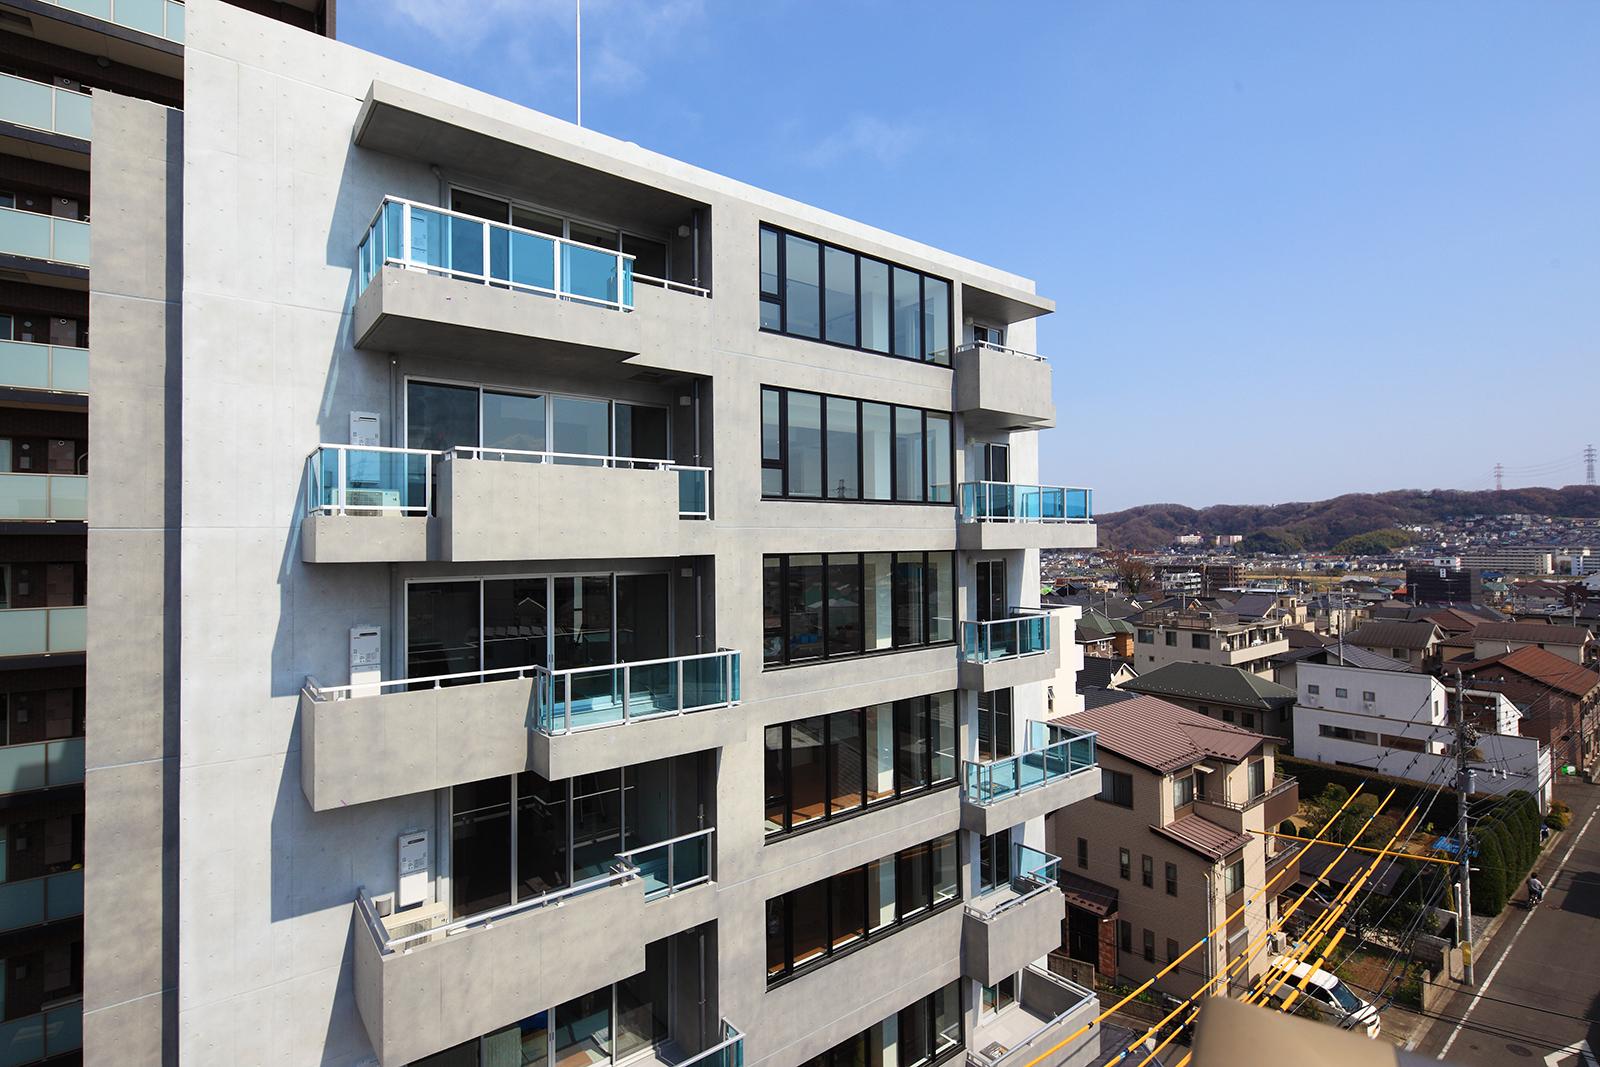 土間のある賃貸住宅、集合住宅では居住性と街への貢献を兼ね備えた設計を考えています